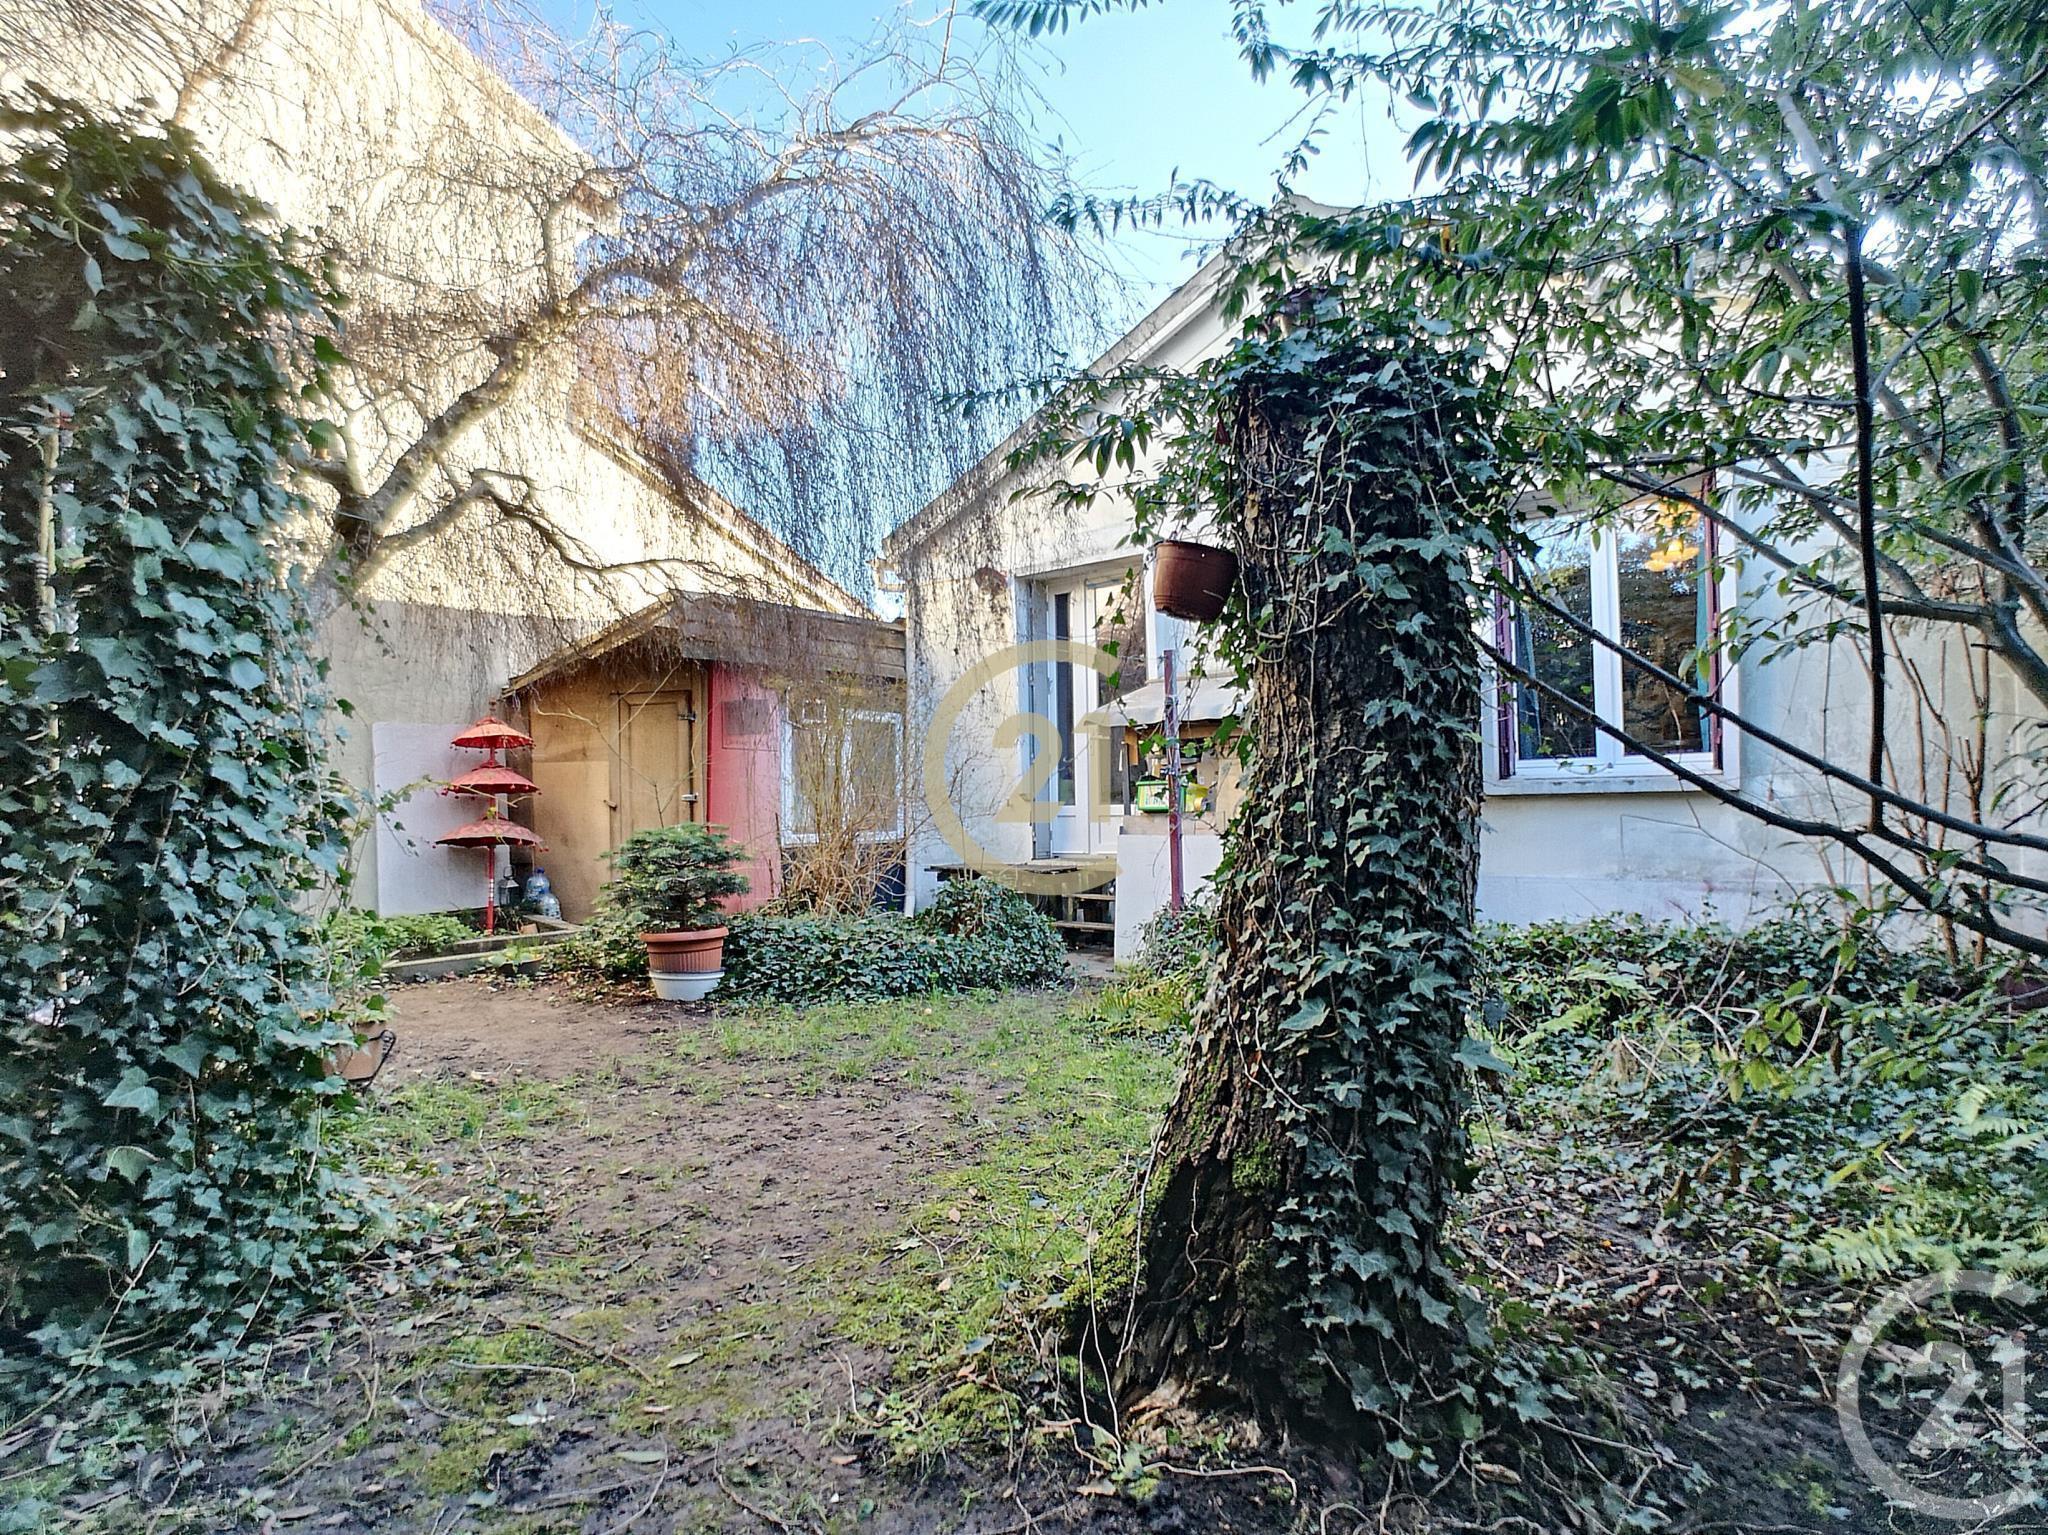 Maison 3 Pièces À Vendre – Montreuil (93100) – Ref. 12690 ... tout Piscine Des Murs À Pêche Montreuil